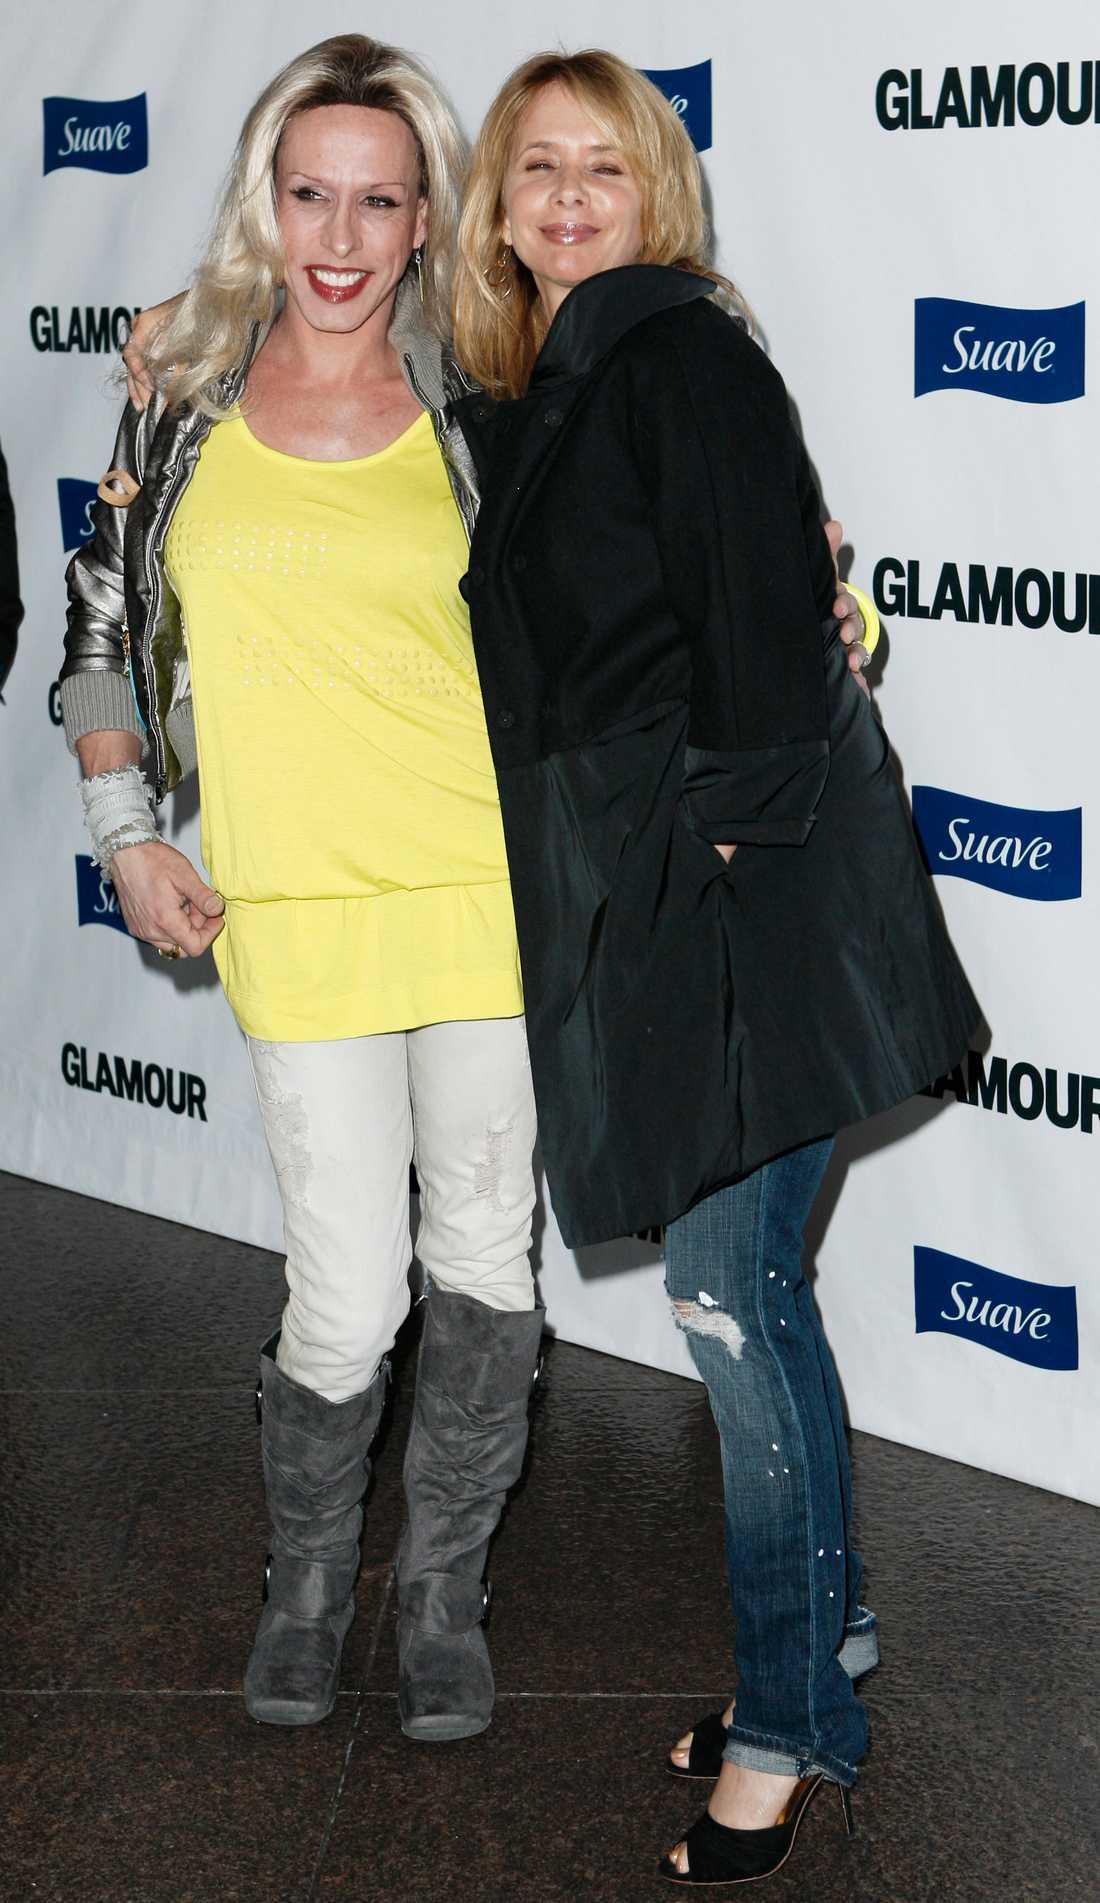 Alexis Arquette, vänster och Rosanna Arquette, höger